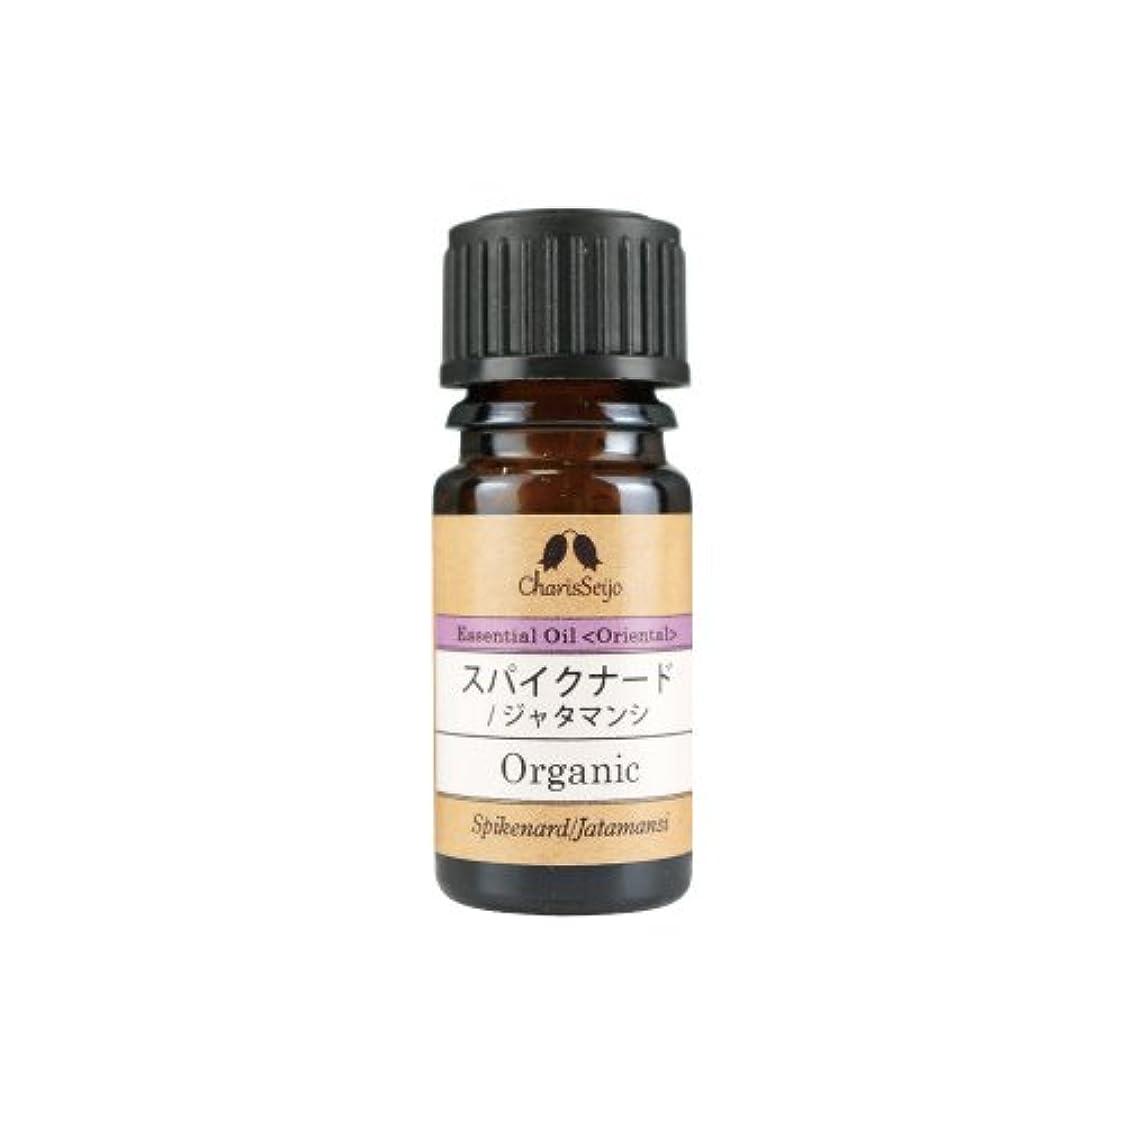 に変わるアセ取るカリス エッセンシャルオイル スパイクナード/ジャタマンシ Organic 10ml